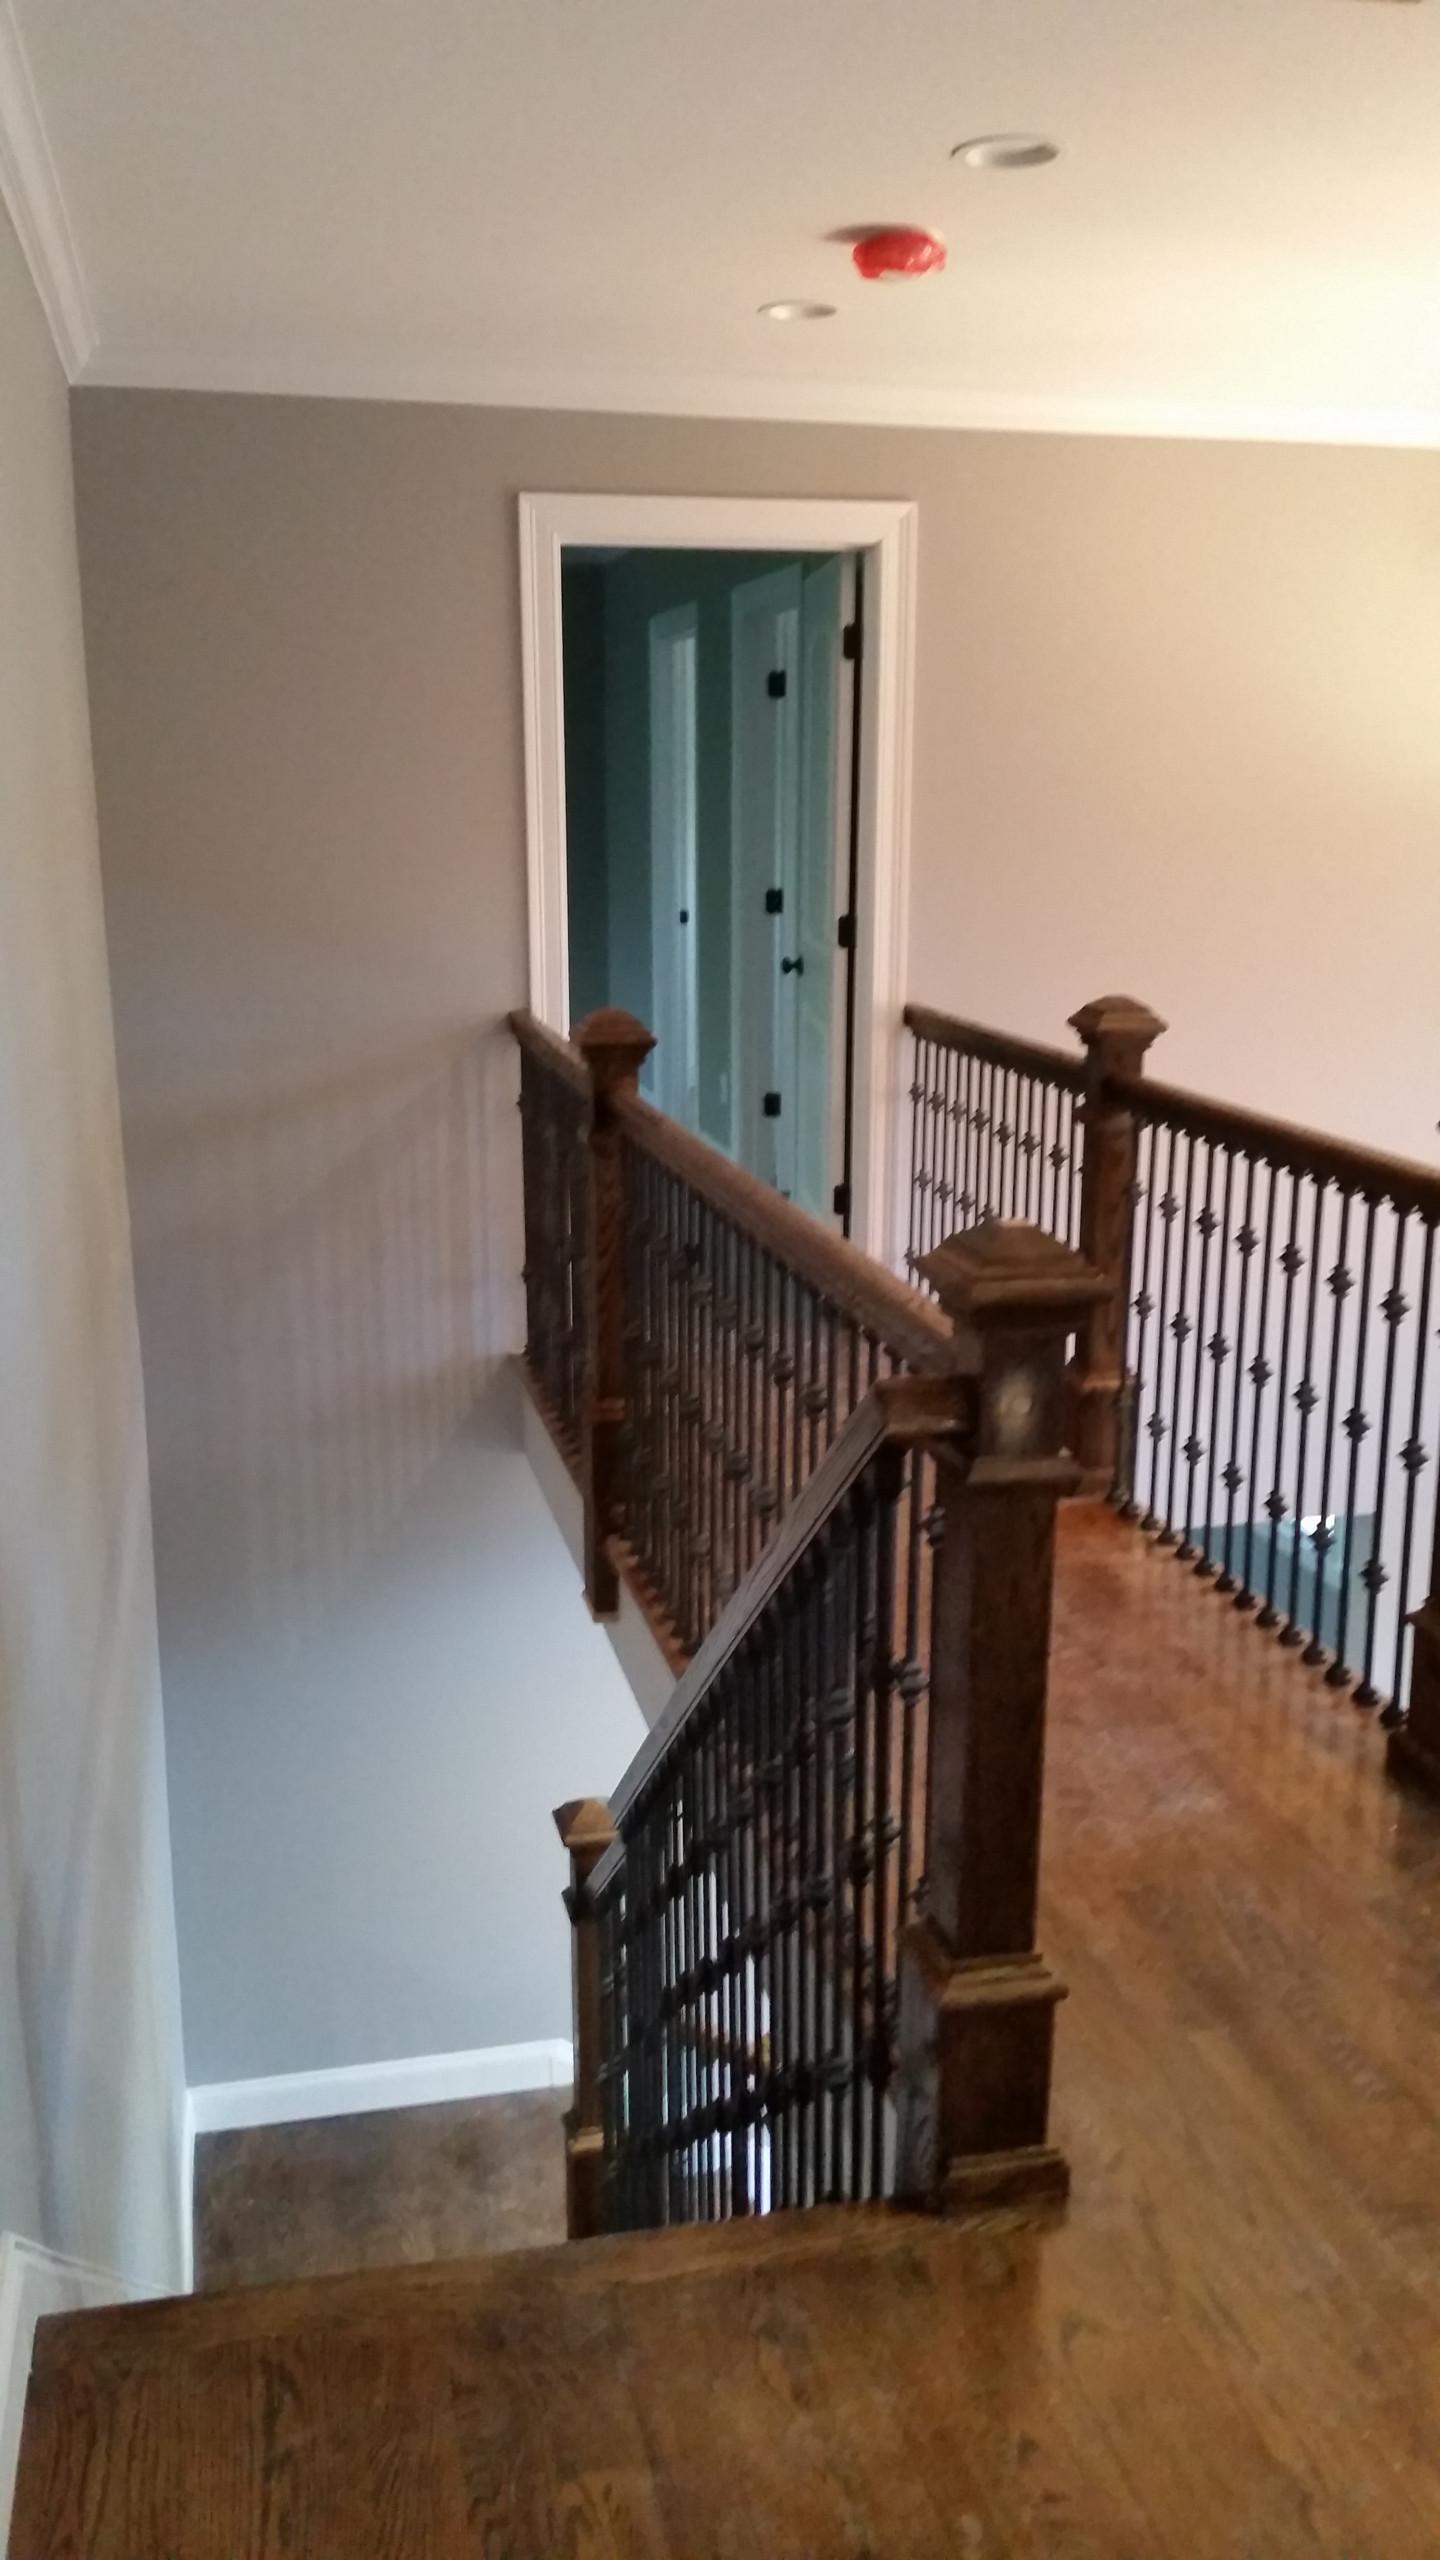 Stairs & Railgs